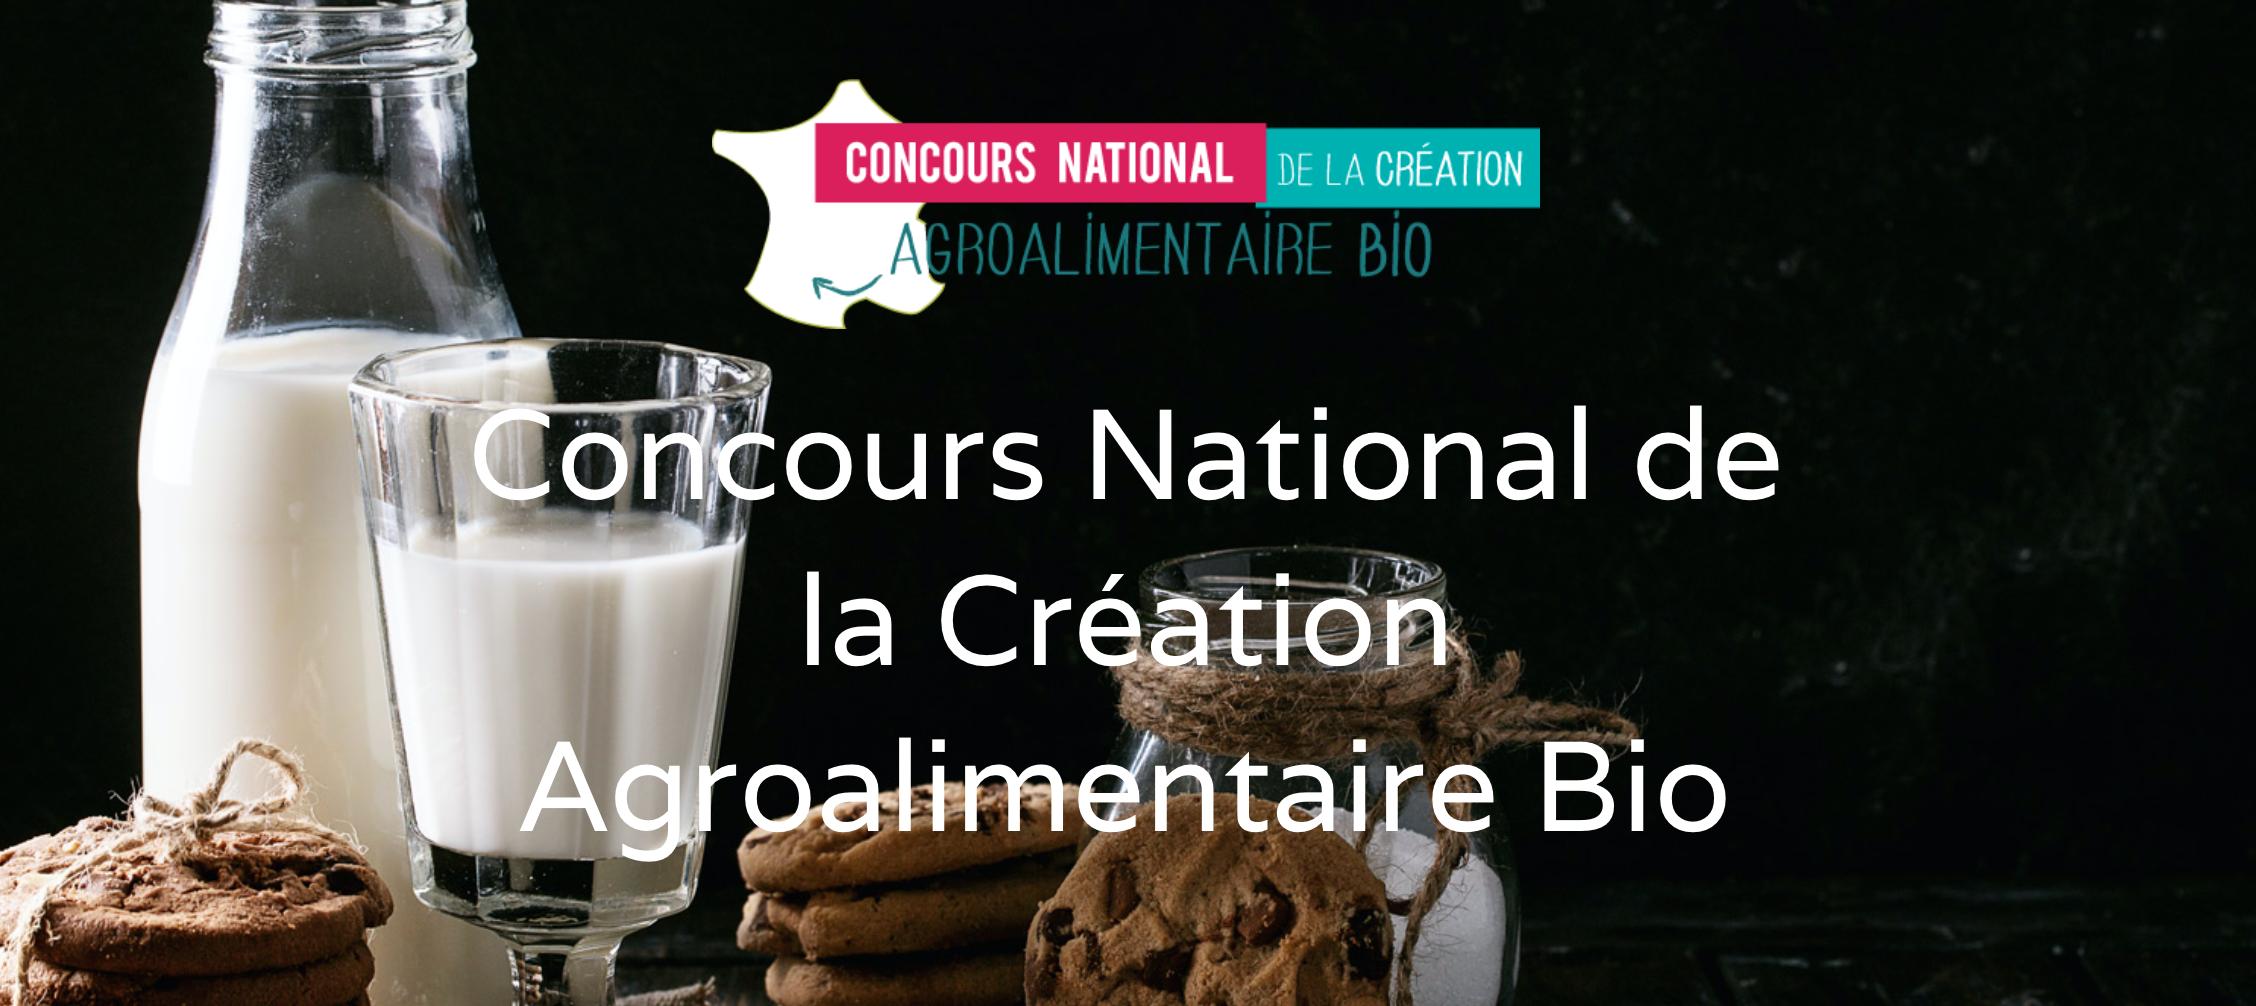 Capture d'écran 2020 01 23 à 11.55.57 - Lancement de la 8ème édition du Concours National de la Création Agroalimentaire Biologique